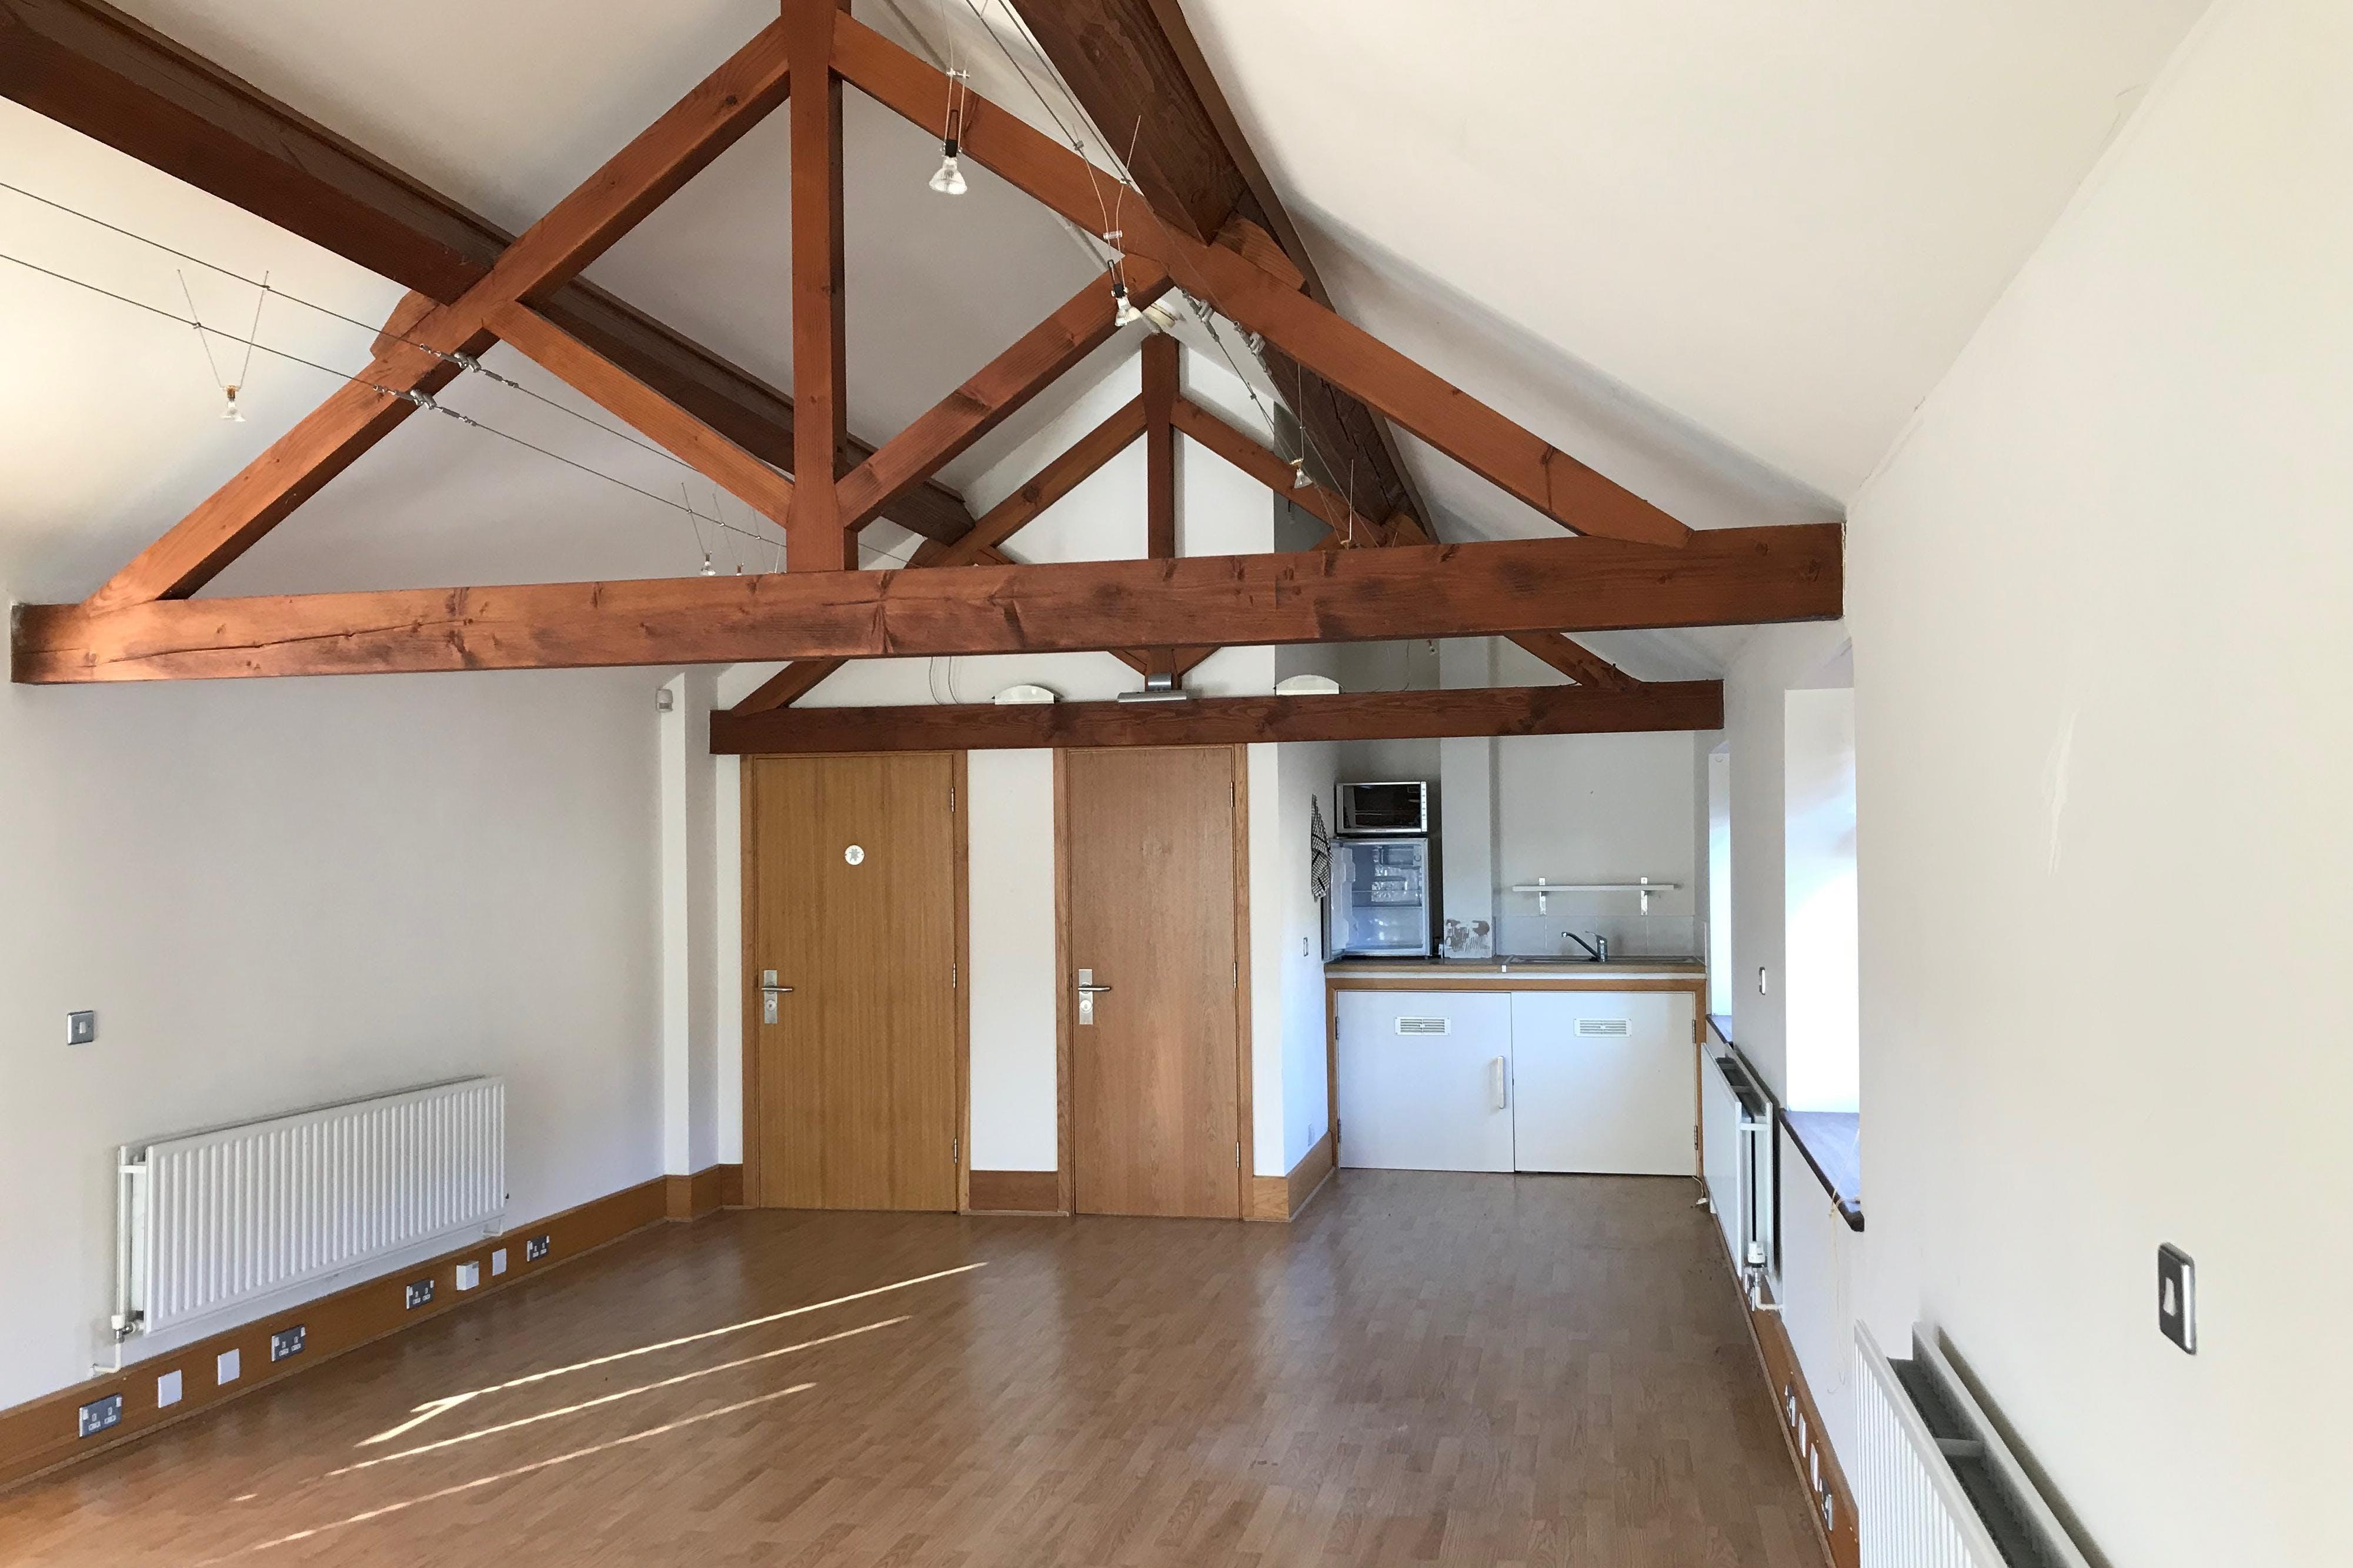 3 Drayton House Court, Drayton St. Leonard, Office / Investment To Let / For Sale - IMG_0912.jpg